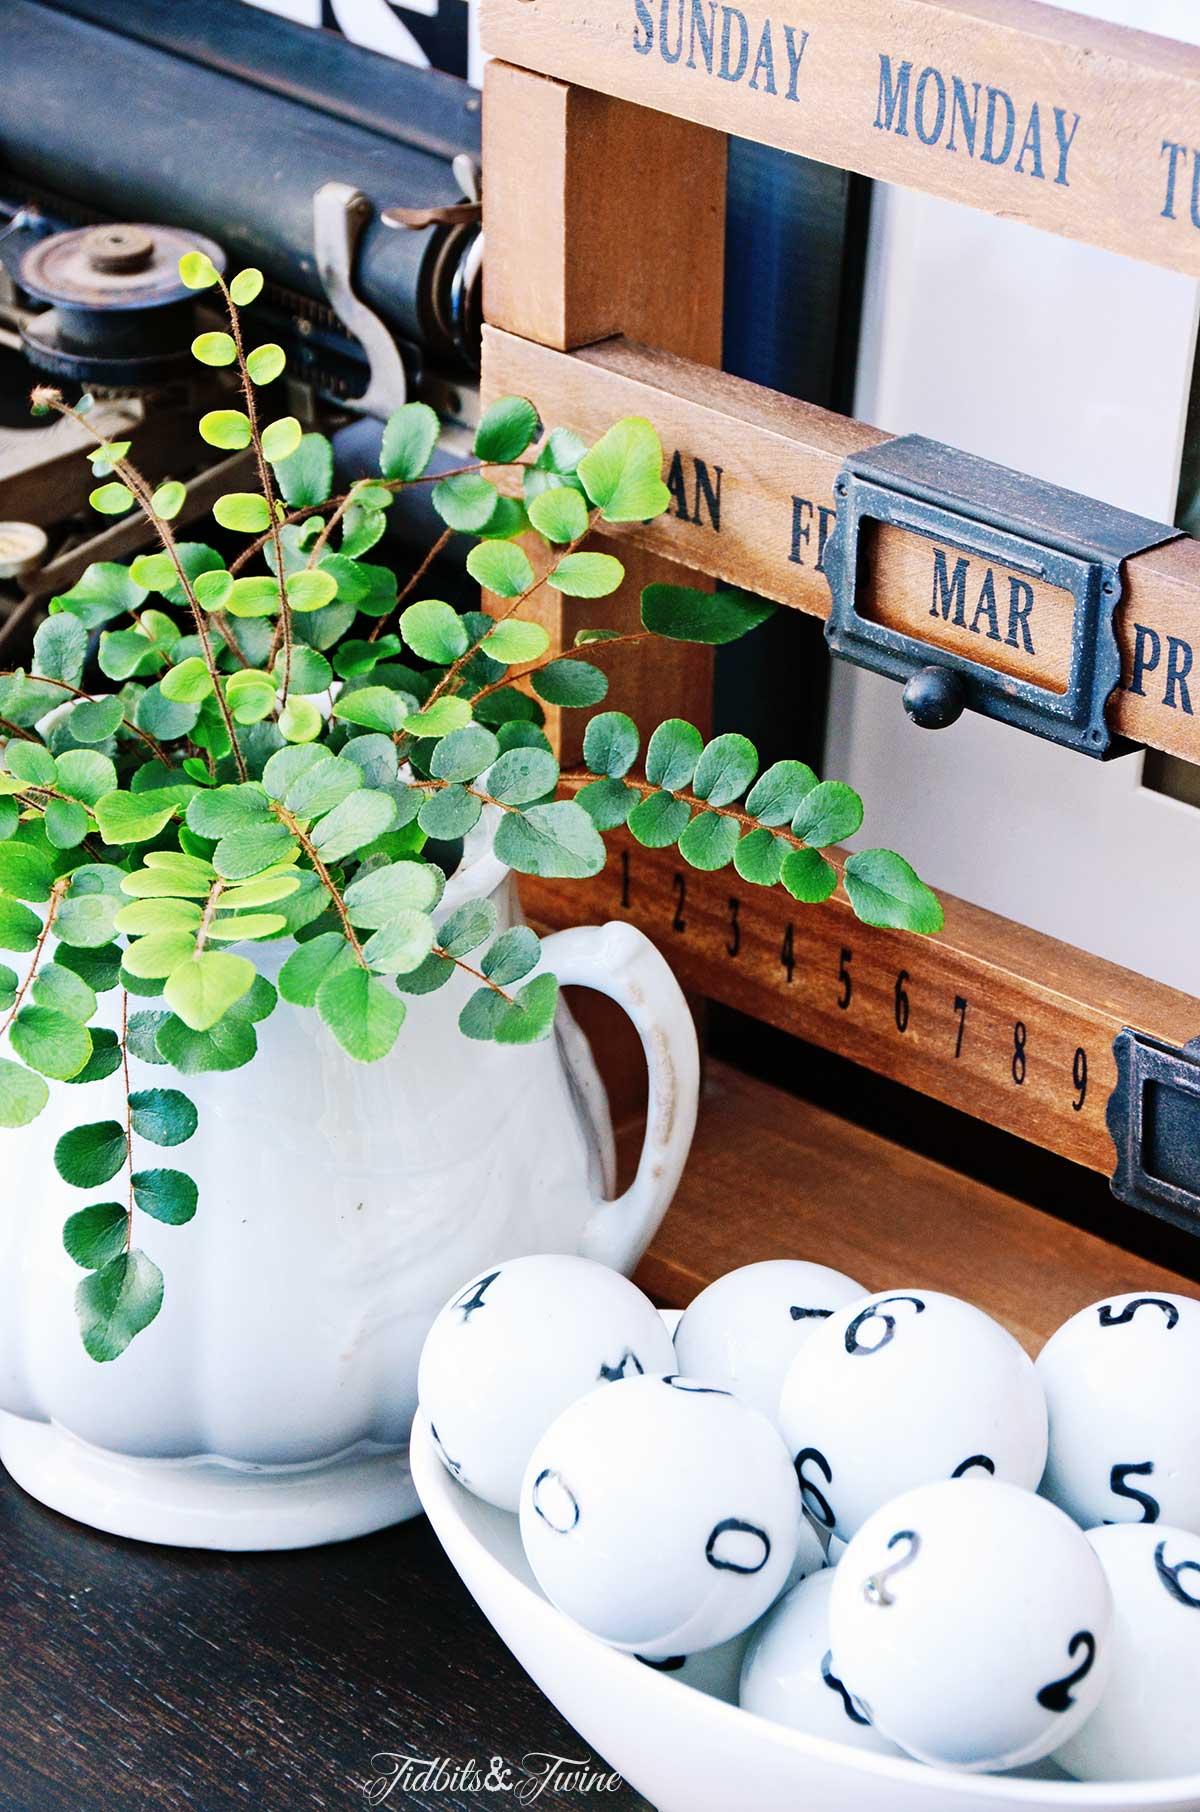 TIDBITS&TWINE-Wooden Calendar and Ceramic Balls